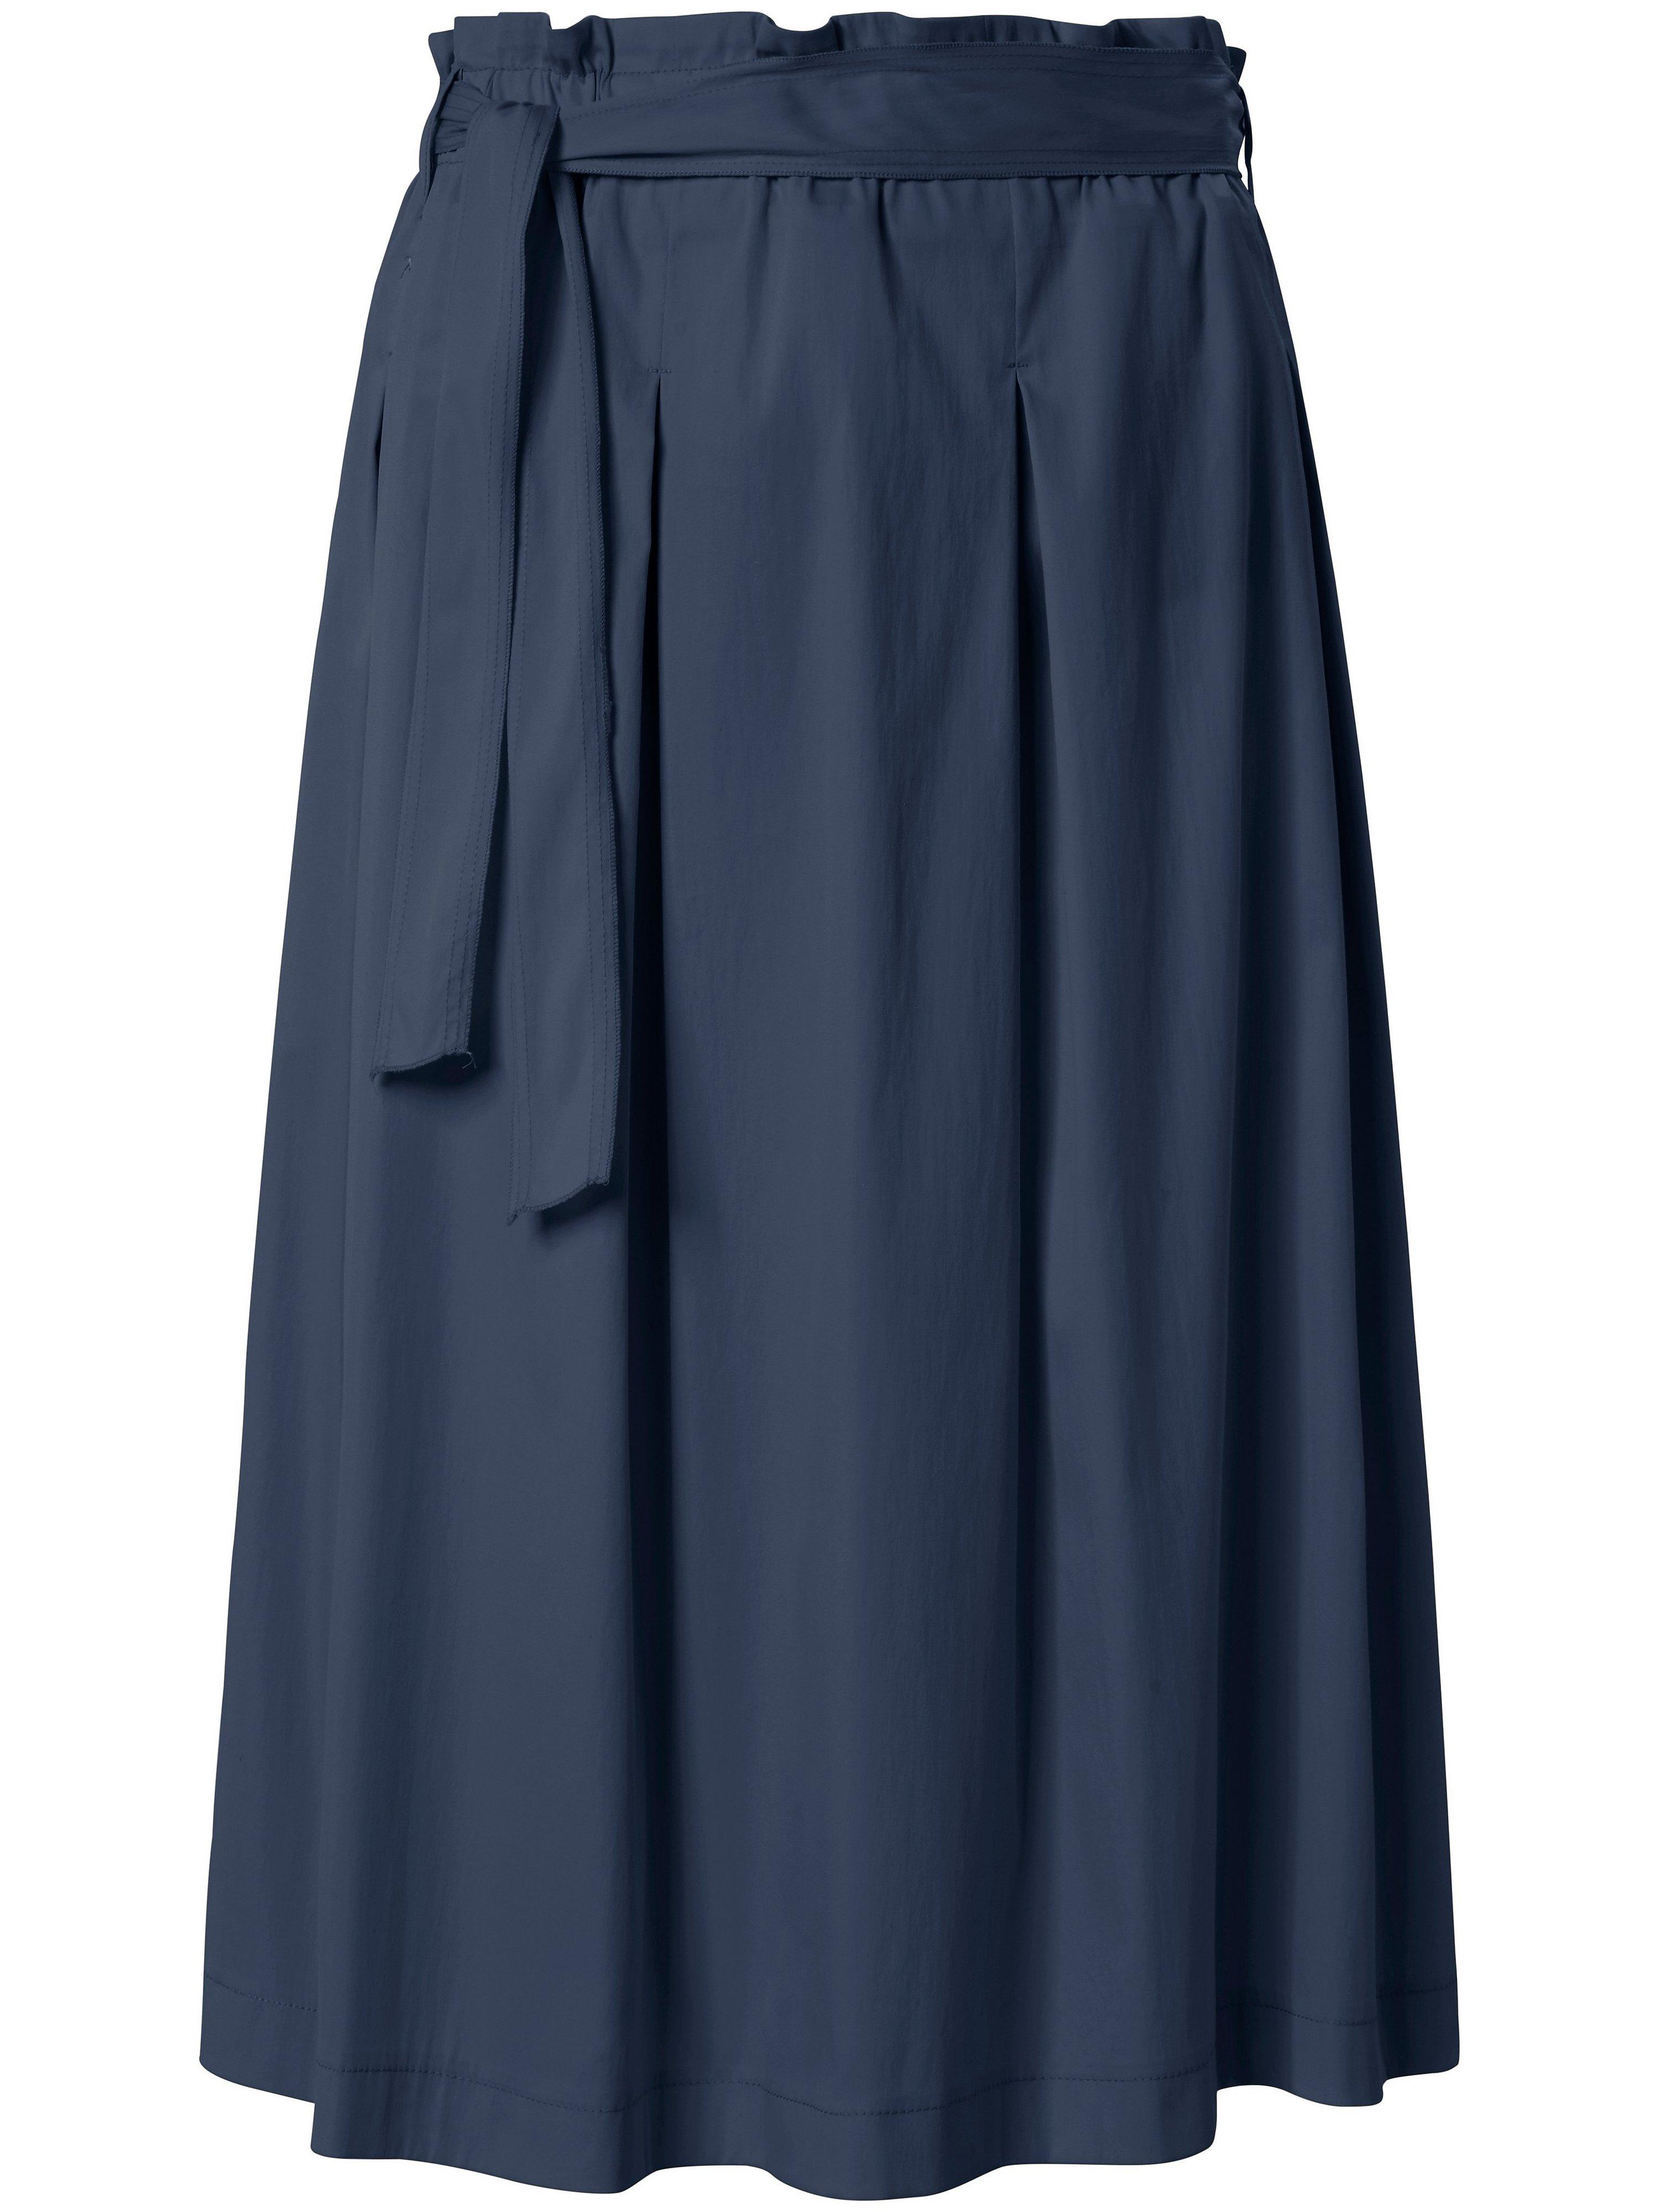 Skirt design Klara Brax Feel Good blue